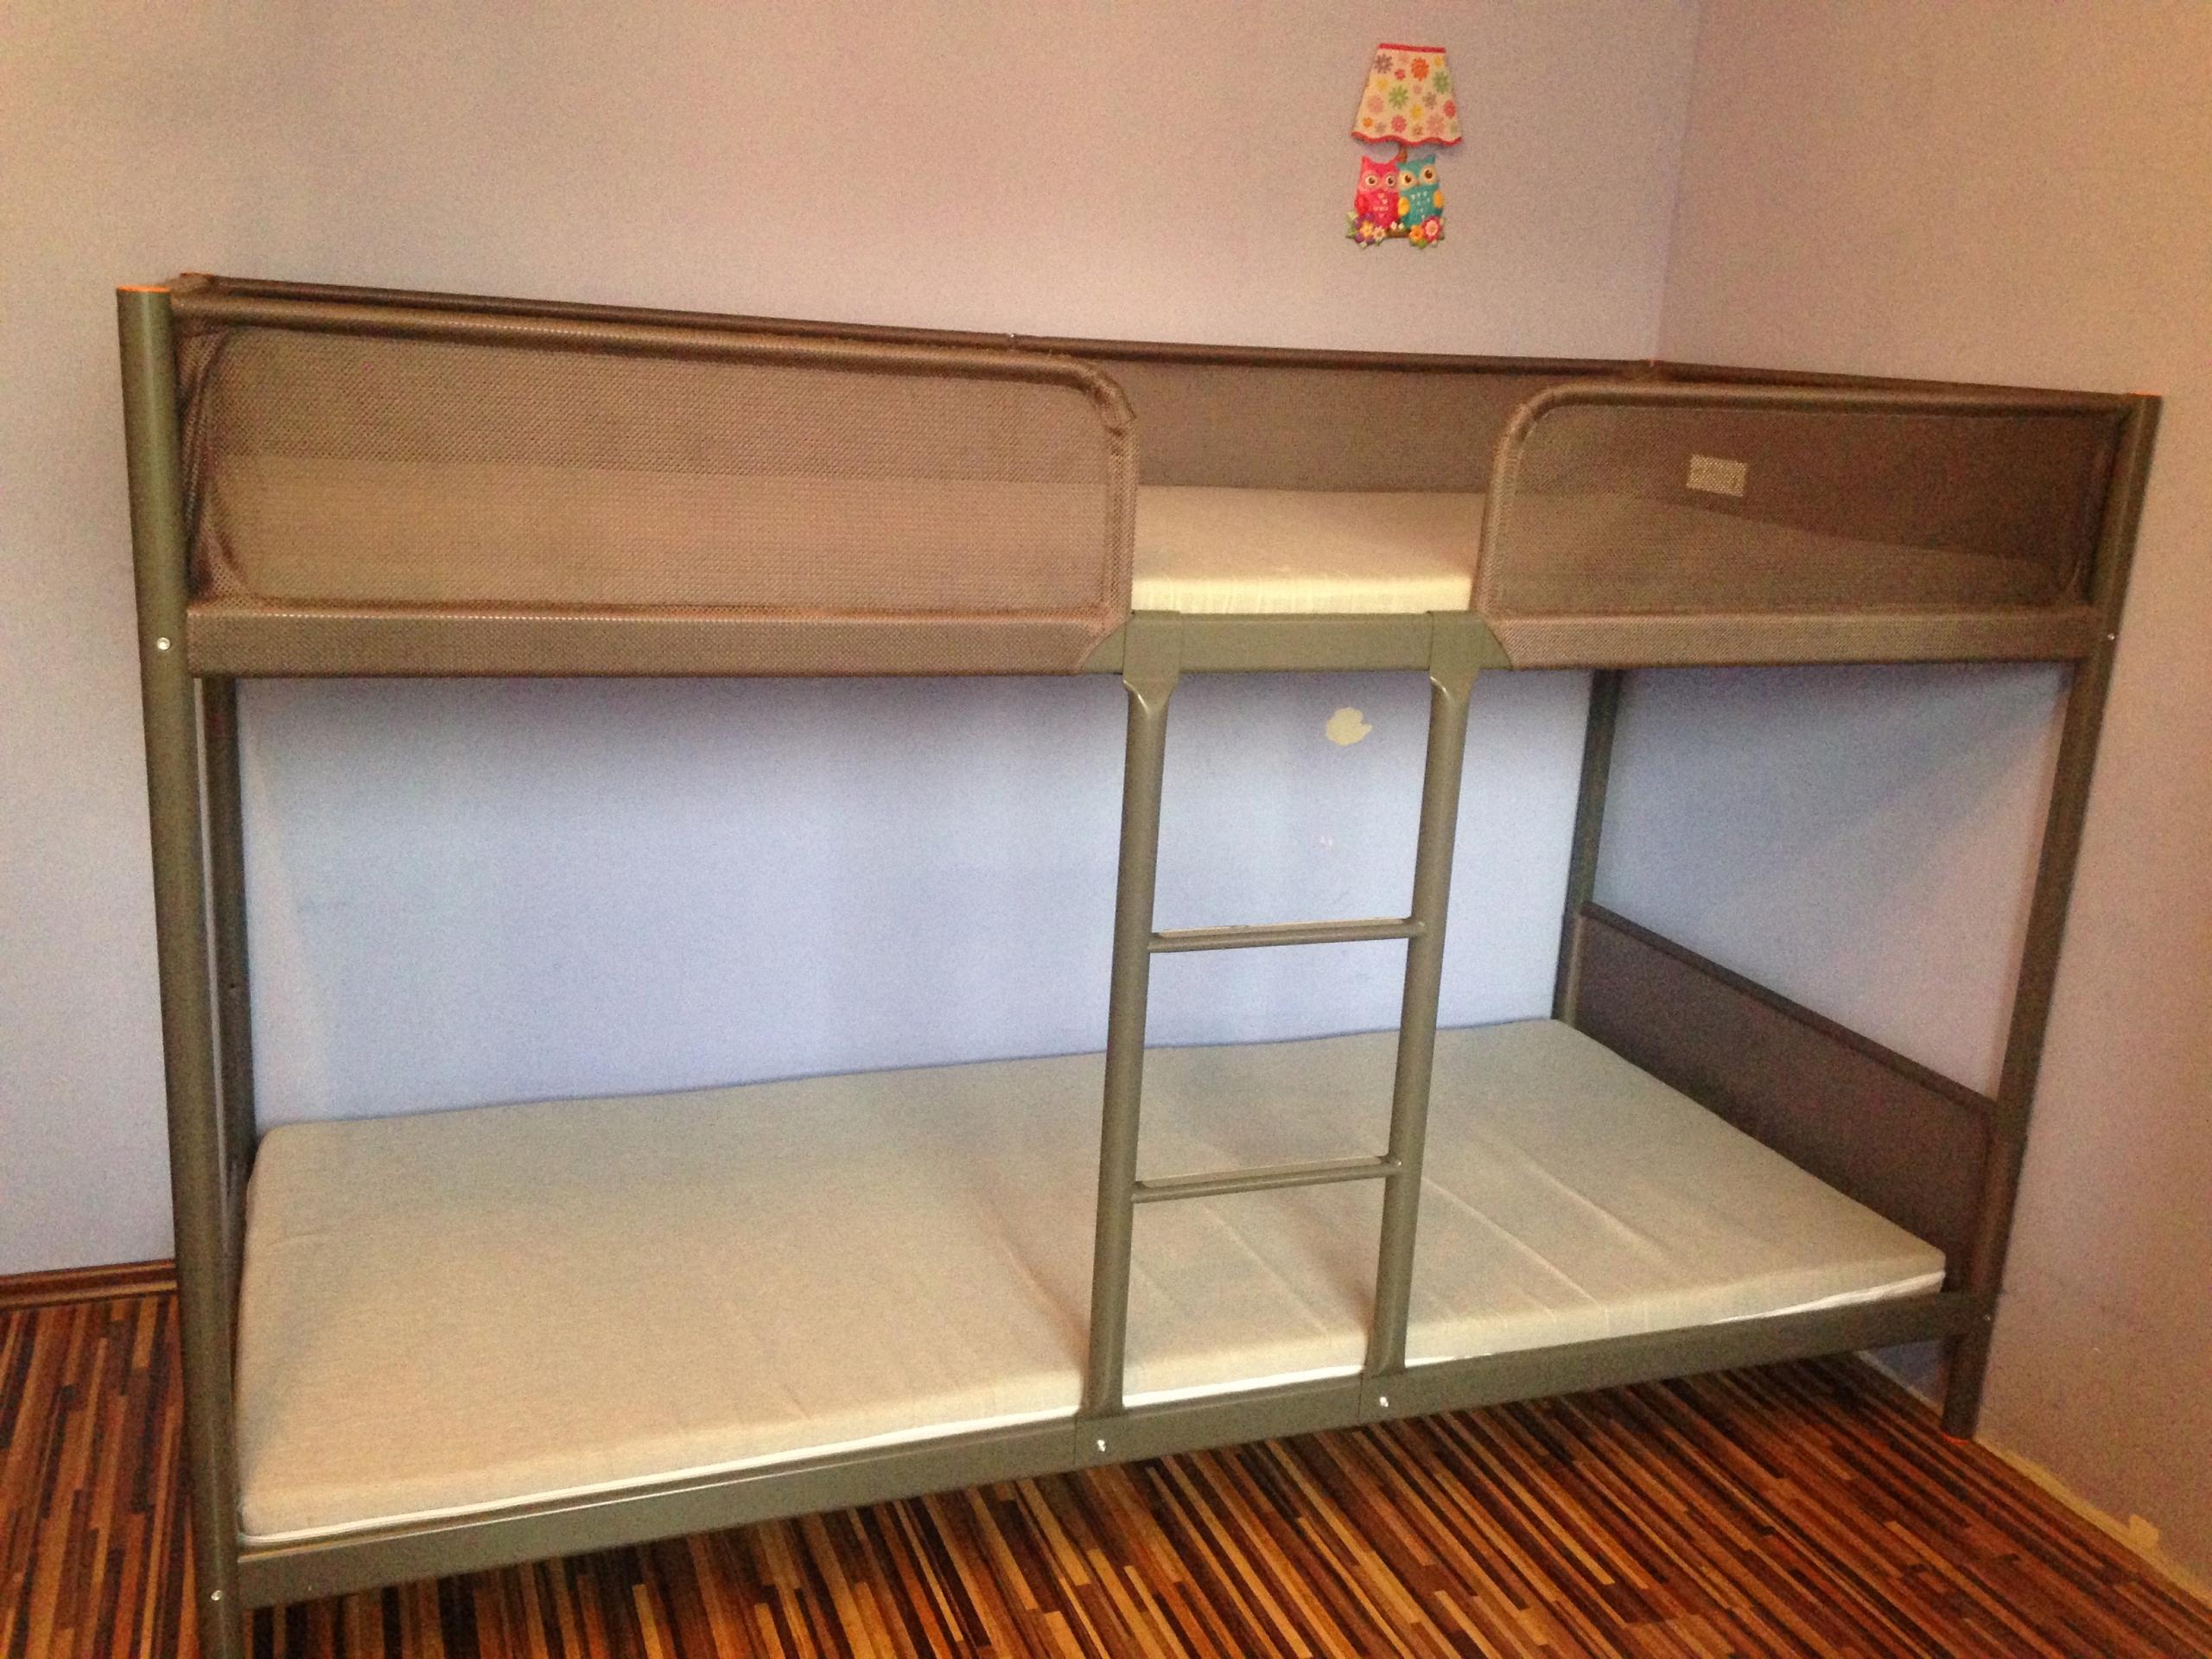 łóżko Piętrowe Dla Dzieci Ikea